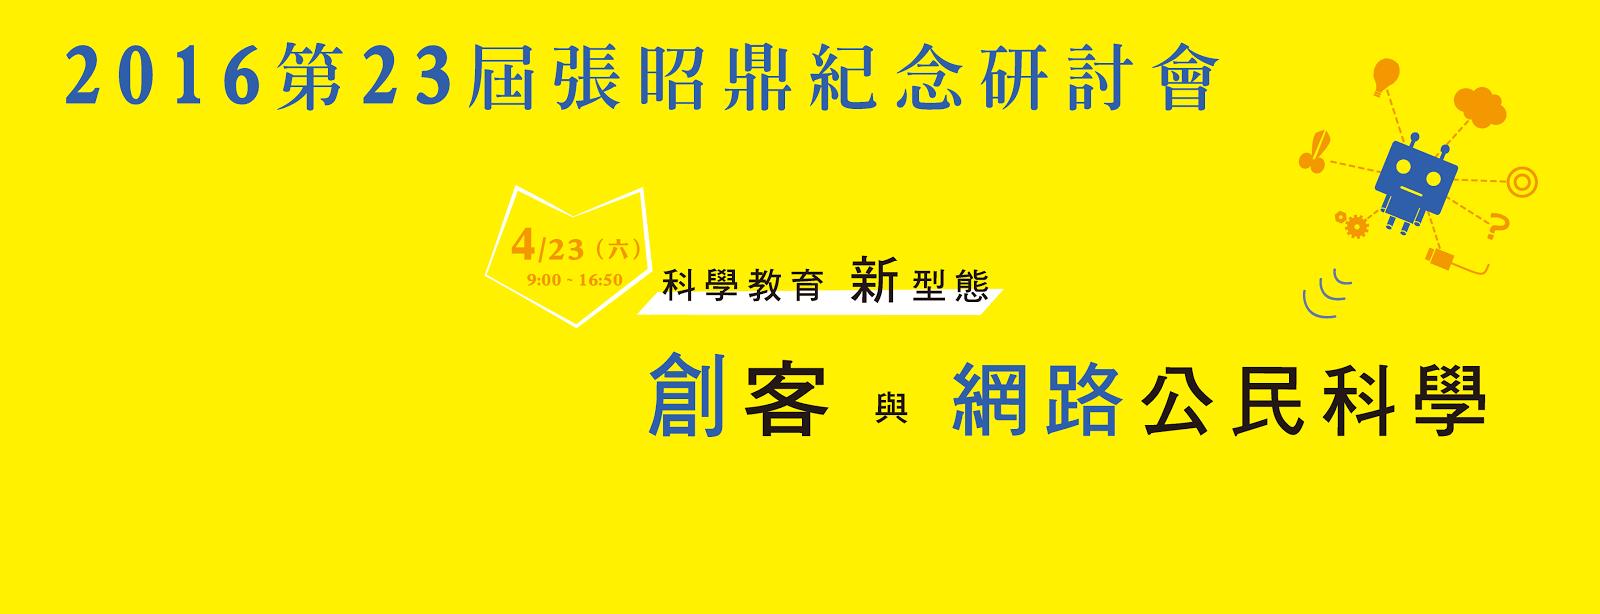 2016張昭鼎紀念研討會